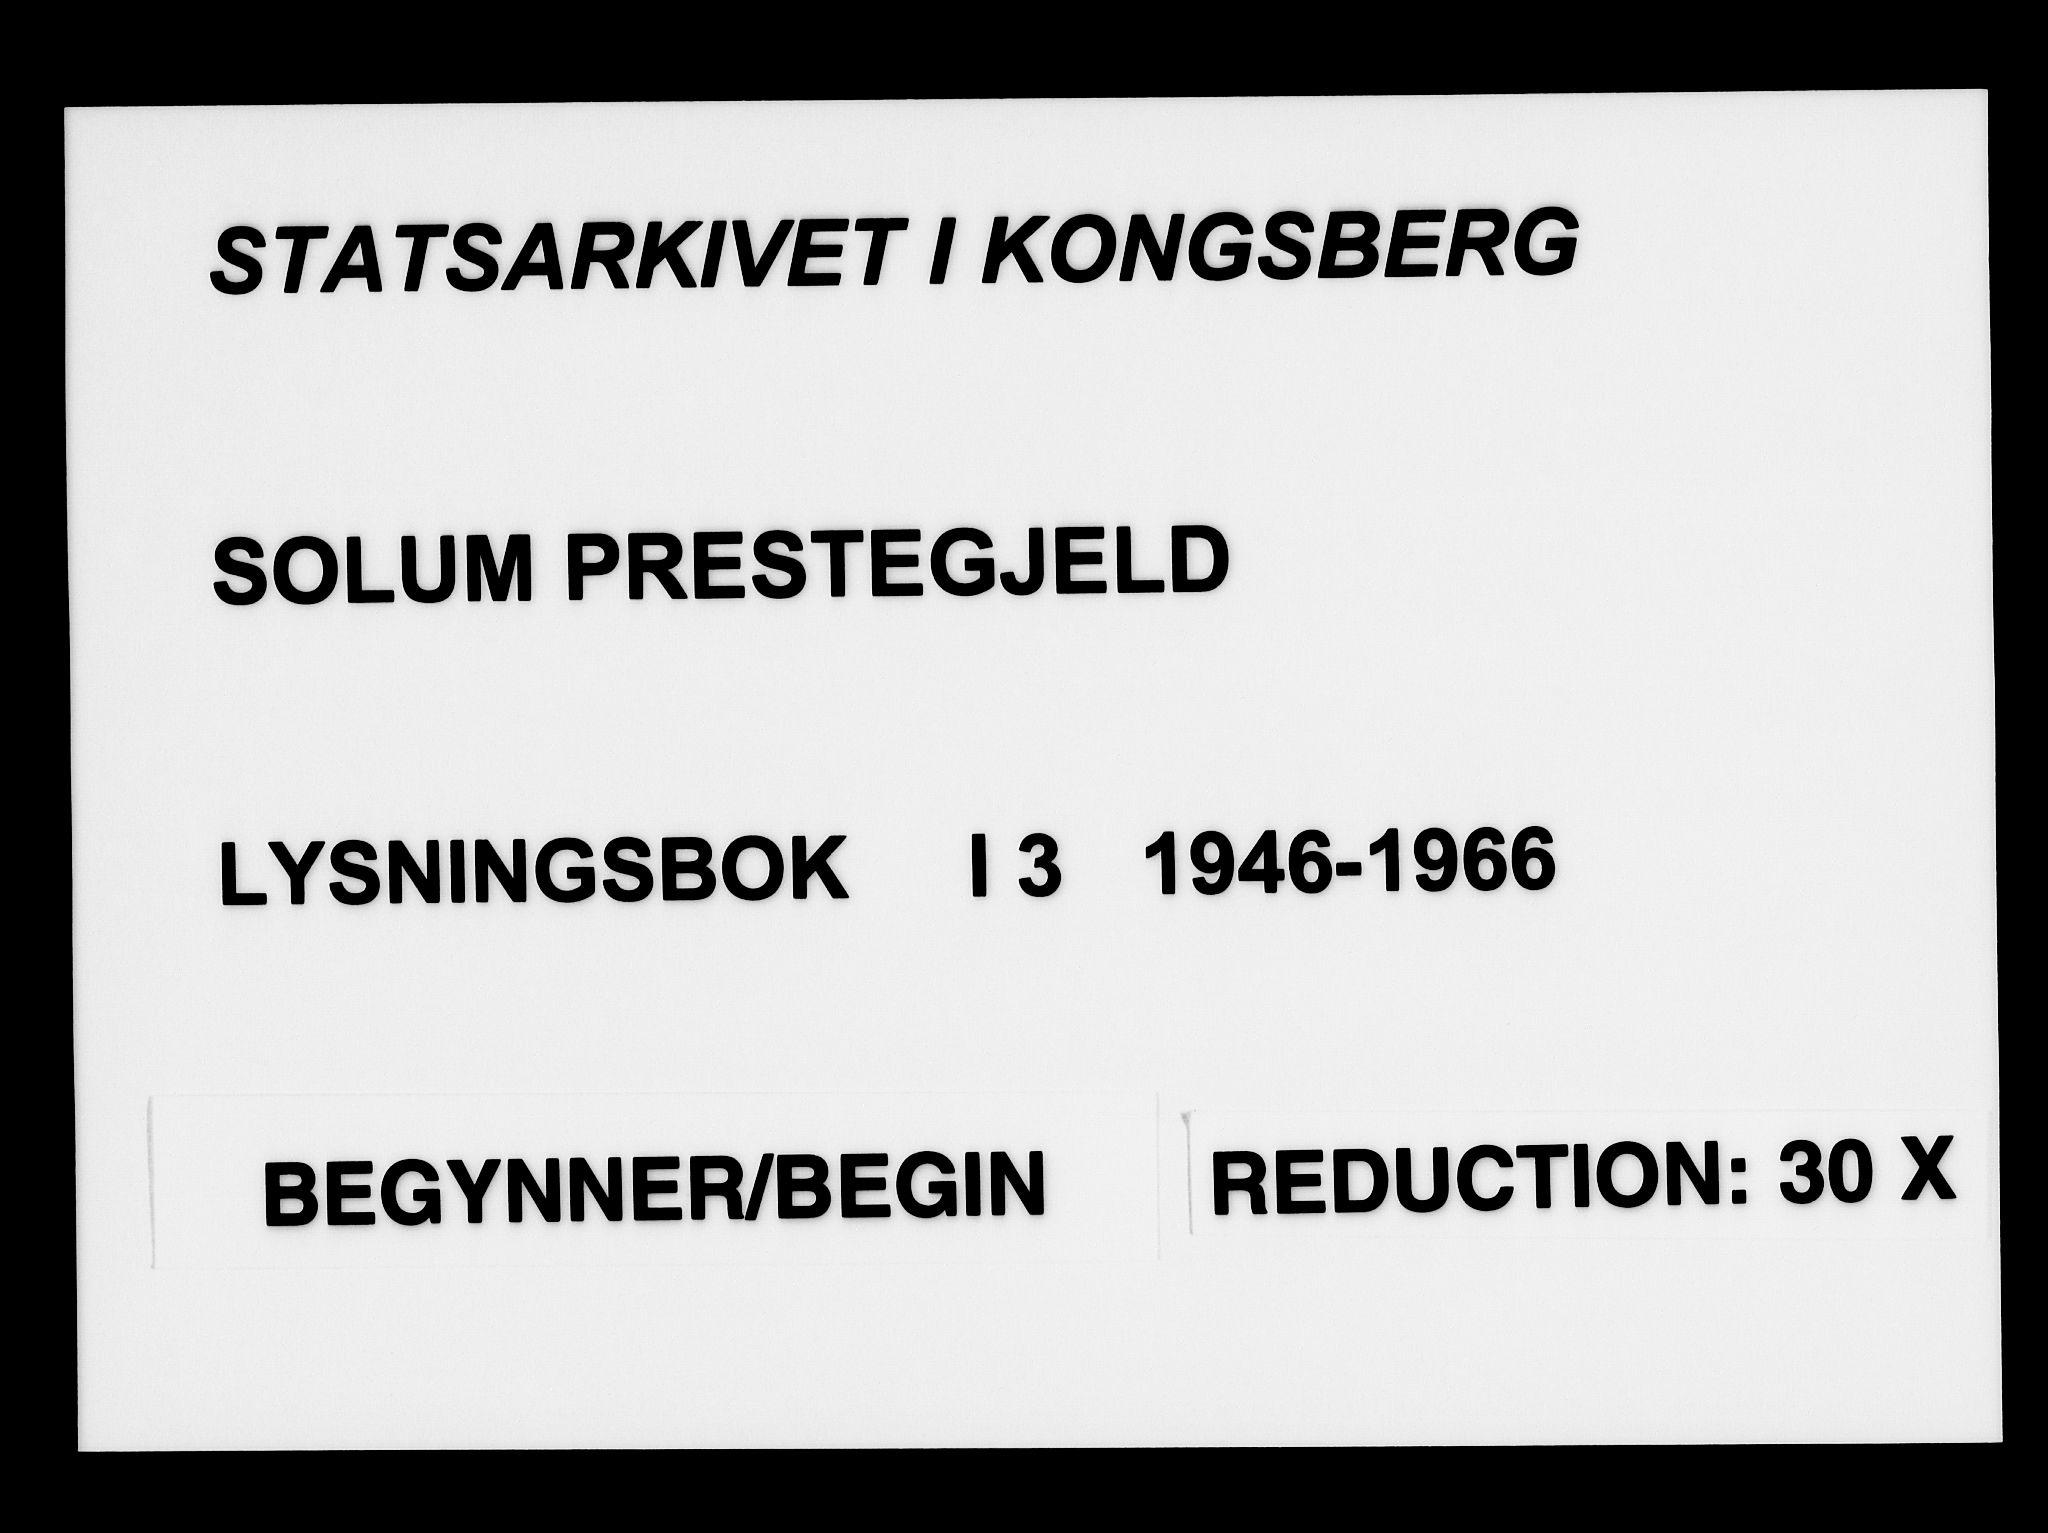 SAKO, Solum kirkebøker, H/Ha/L0003: Lysningsprotokoll nr. I 3, 1946-1966